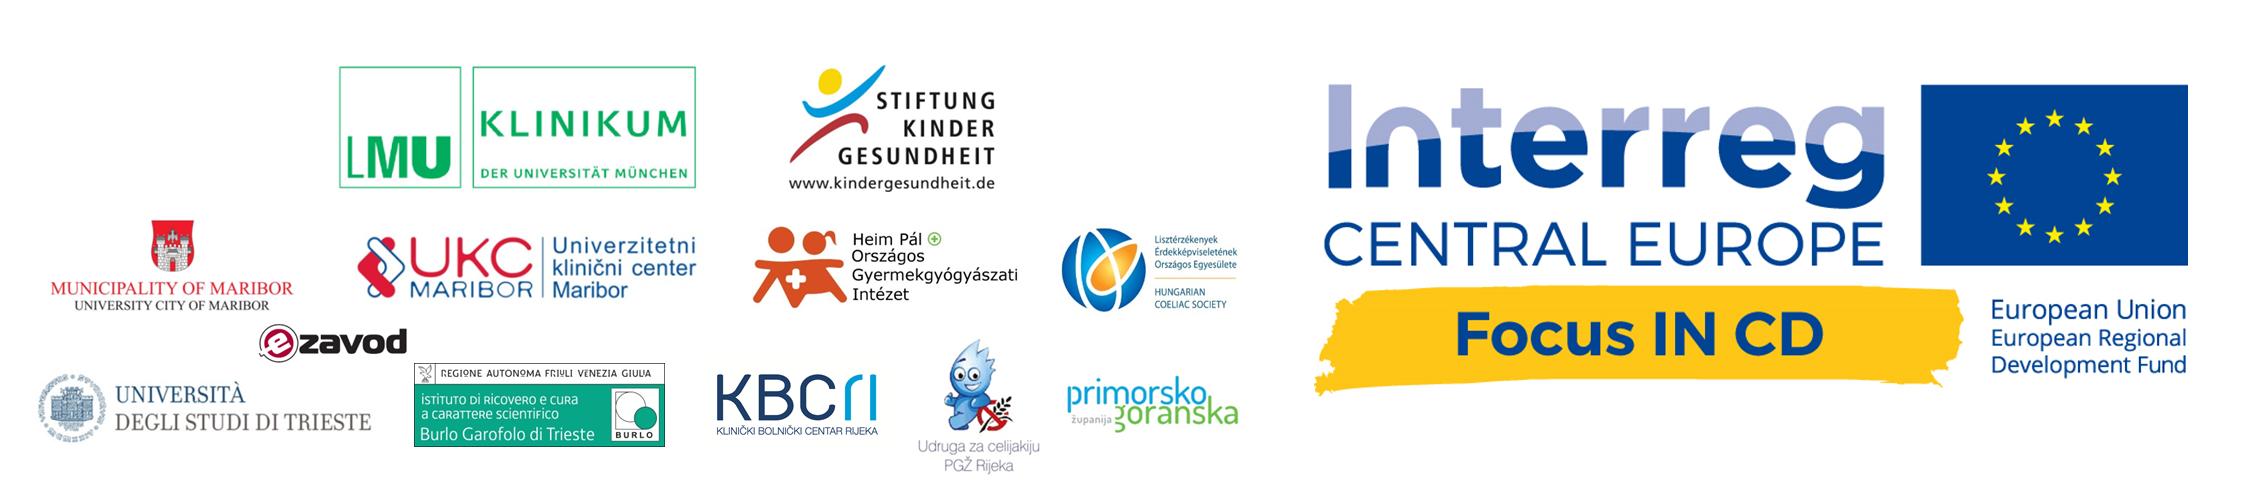 Focus IN CD Projektlogo und die Logos der zwölf Projektpartner aus Deutschland, Slowenien, Ungarn, Kroatien und Italien